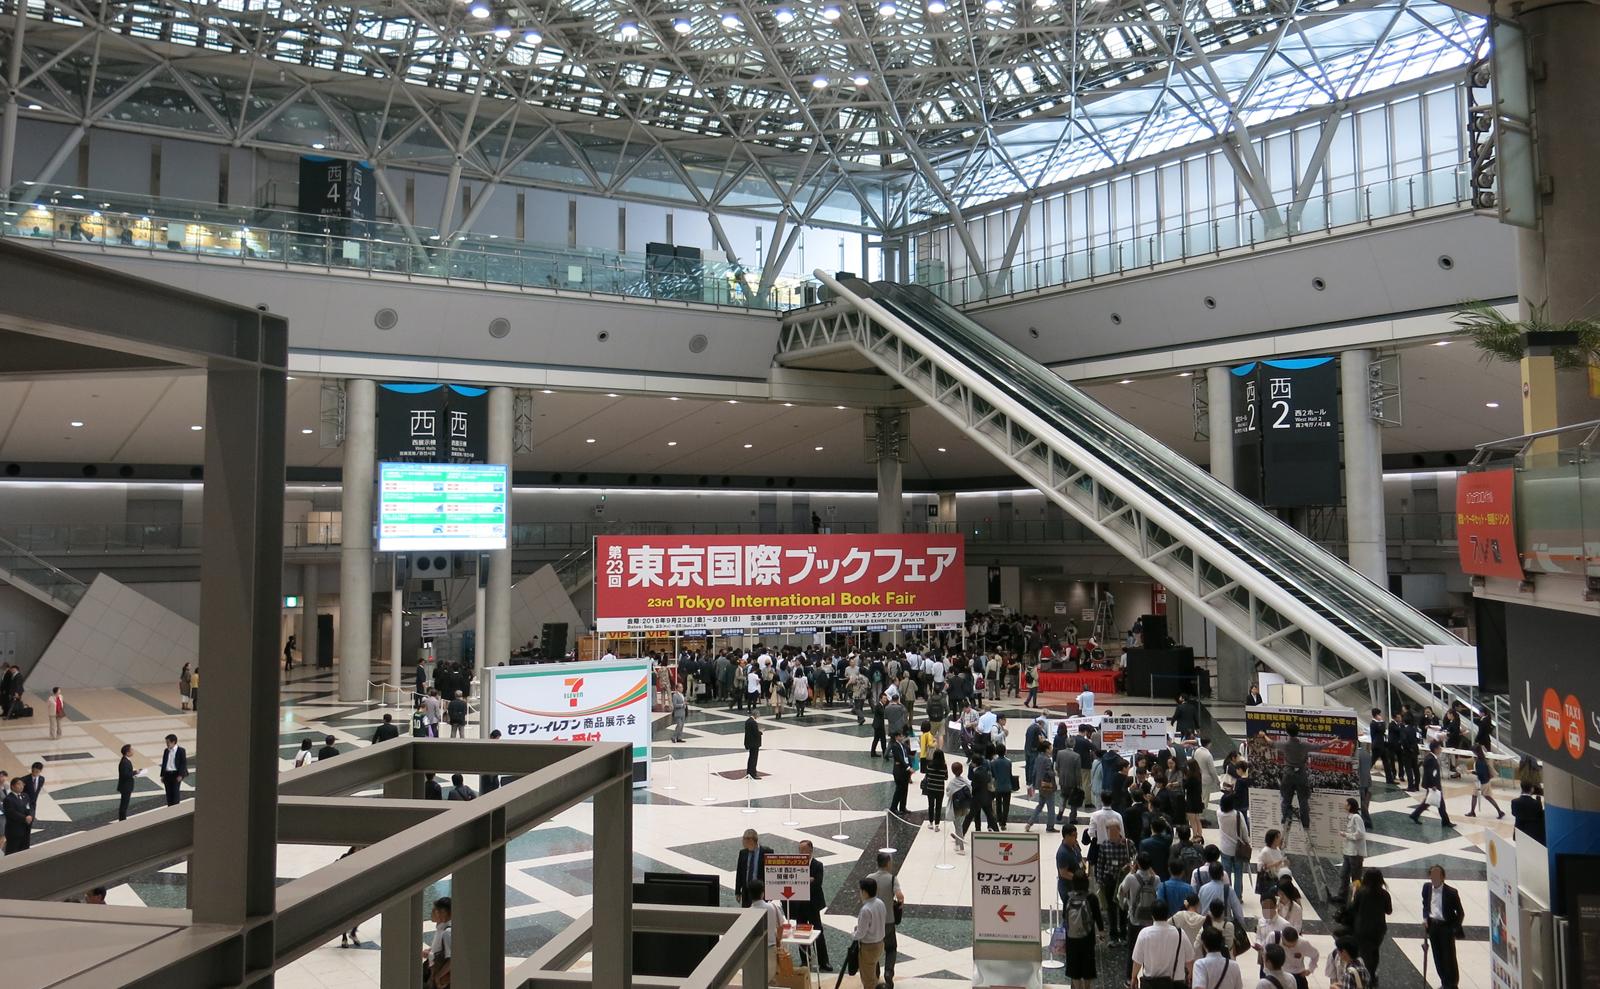 今年9月に行われた第23回東京国際ブックフェア 会場風景(撮影:筆者)